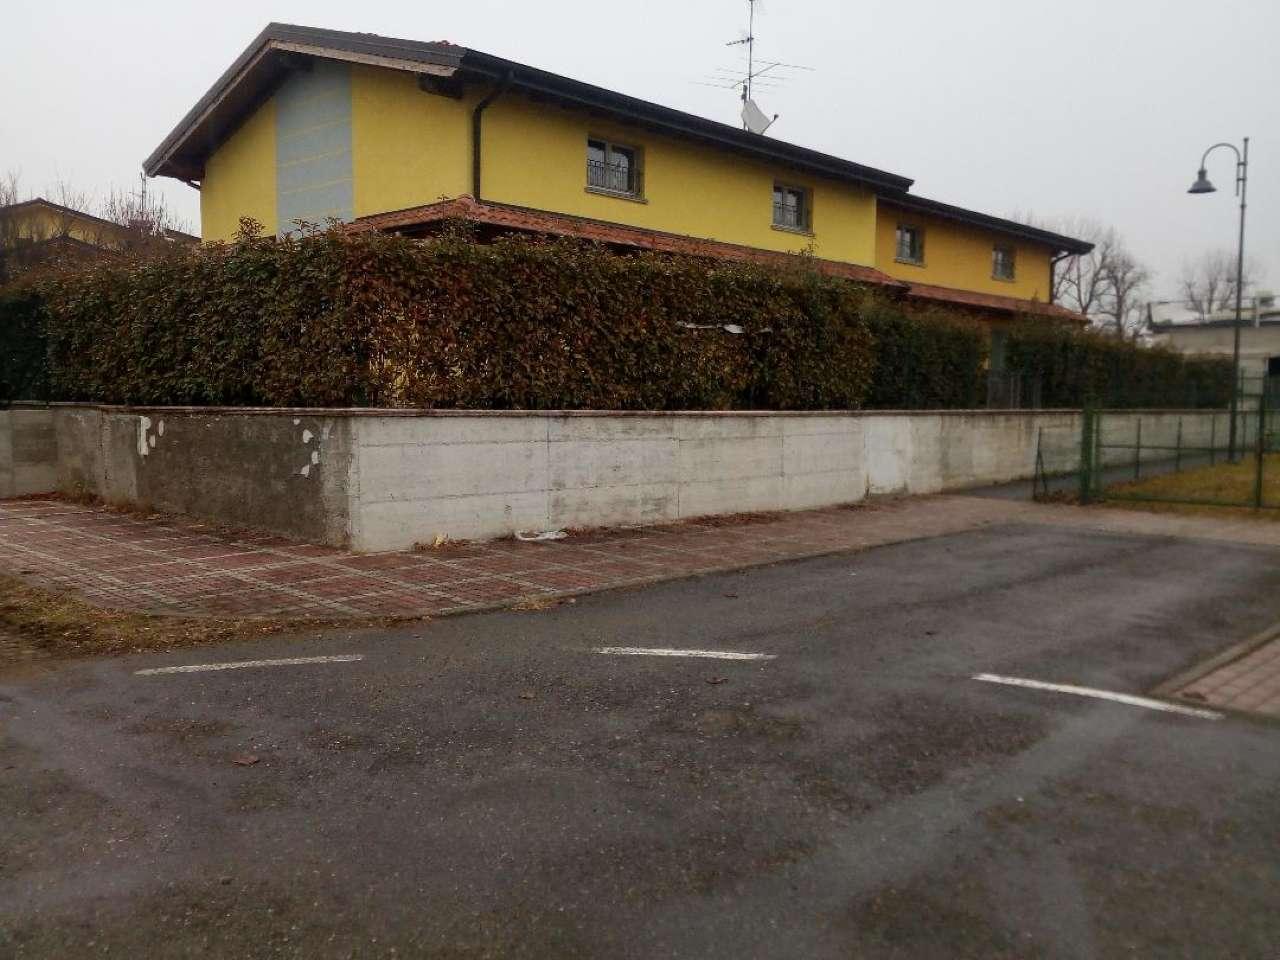 Villa in vendita a Filago, 3 locali, prezzo € 150.000 | CambioCasa.it